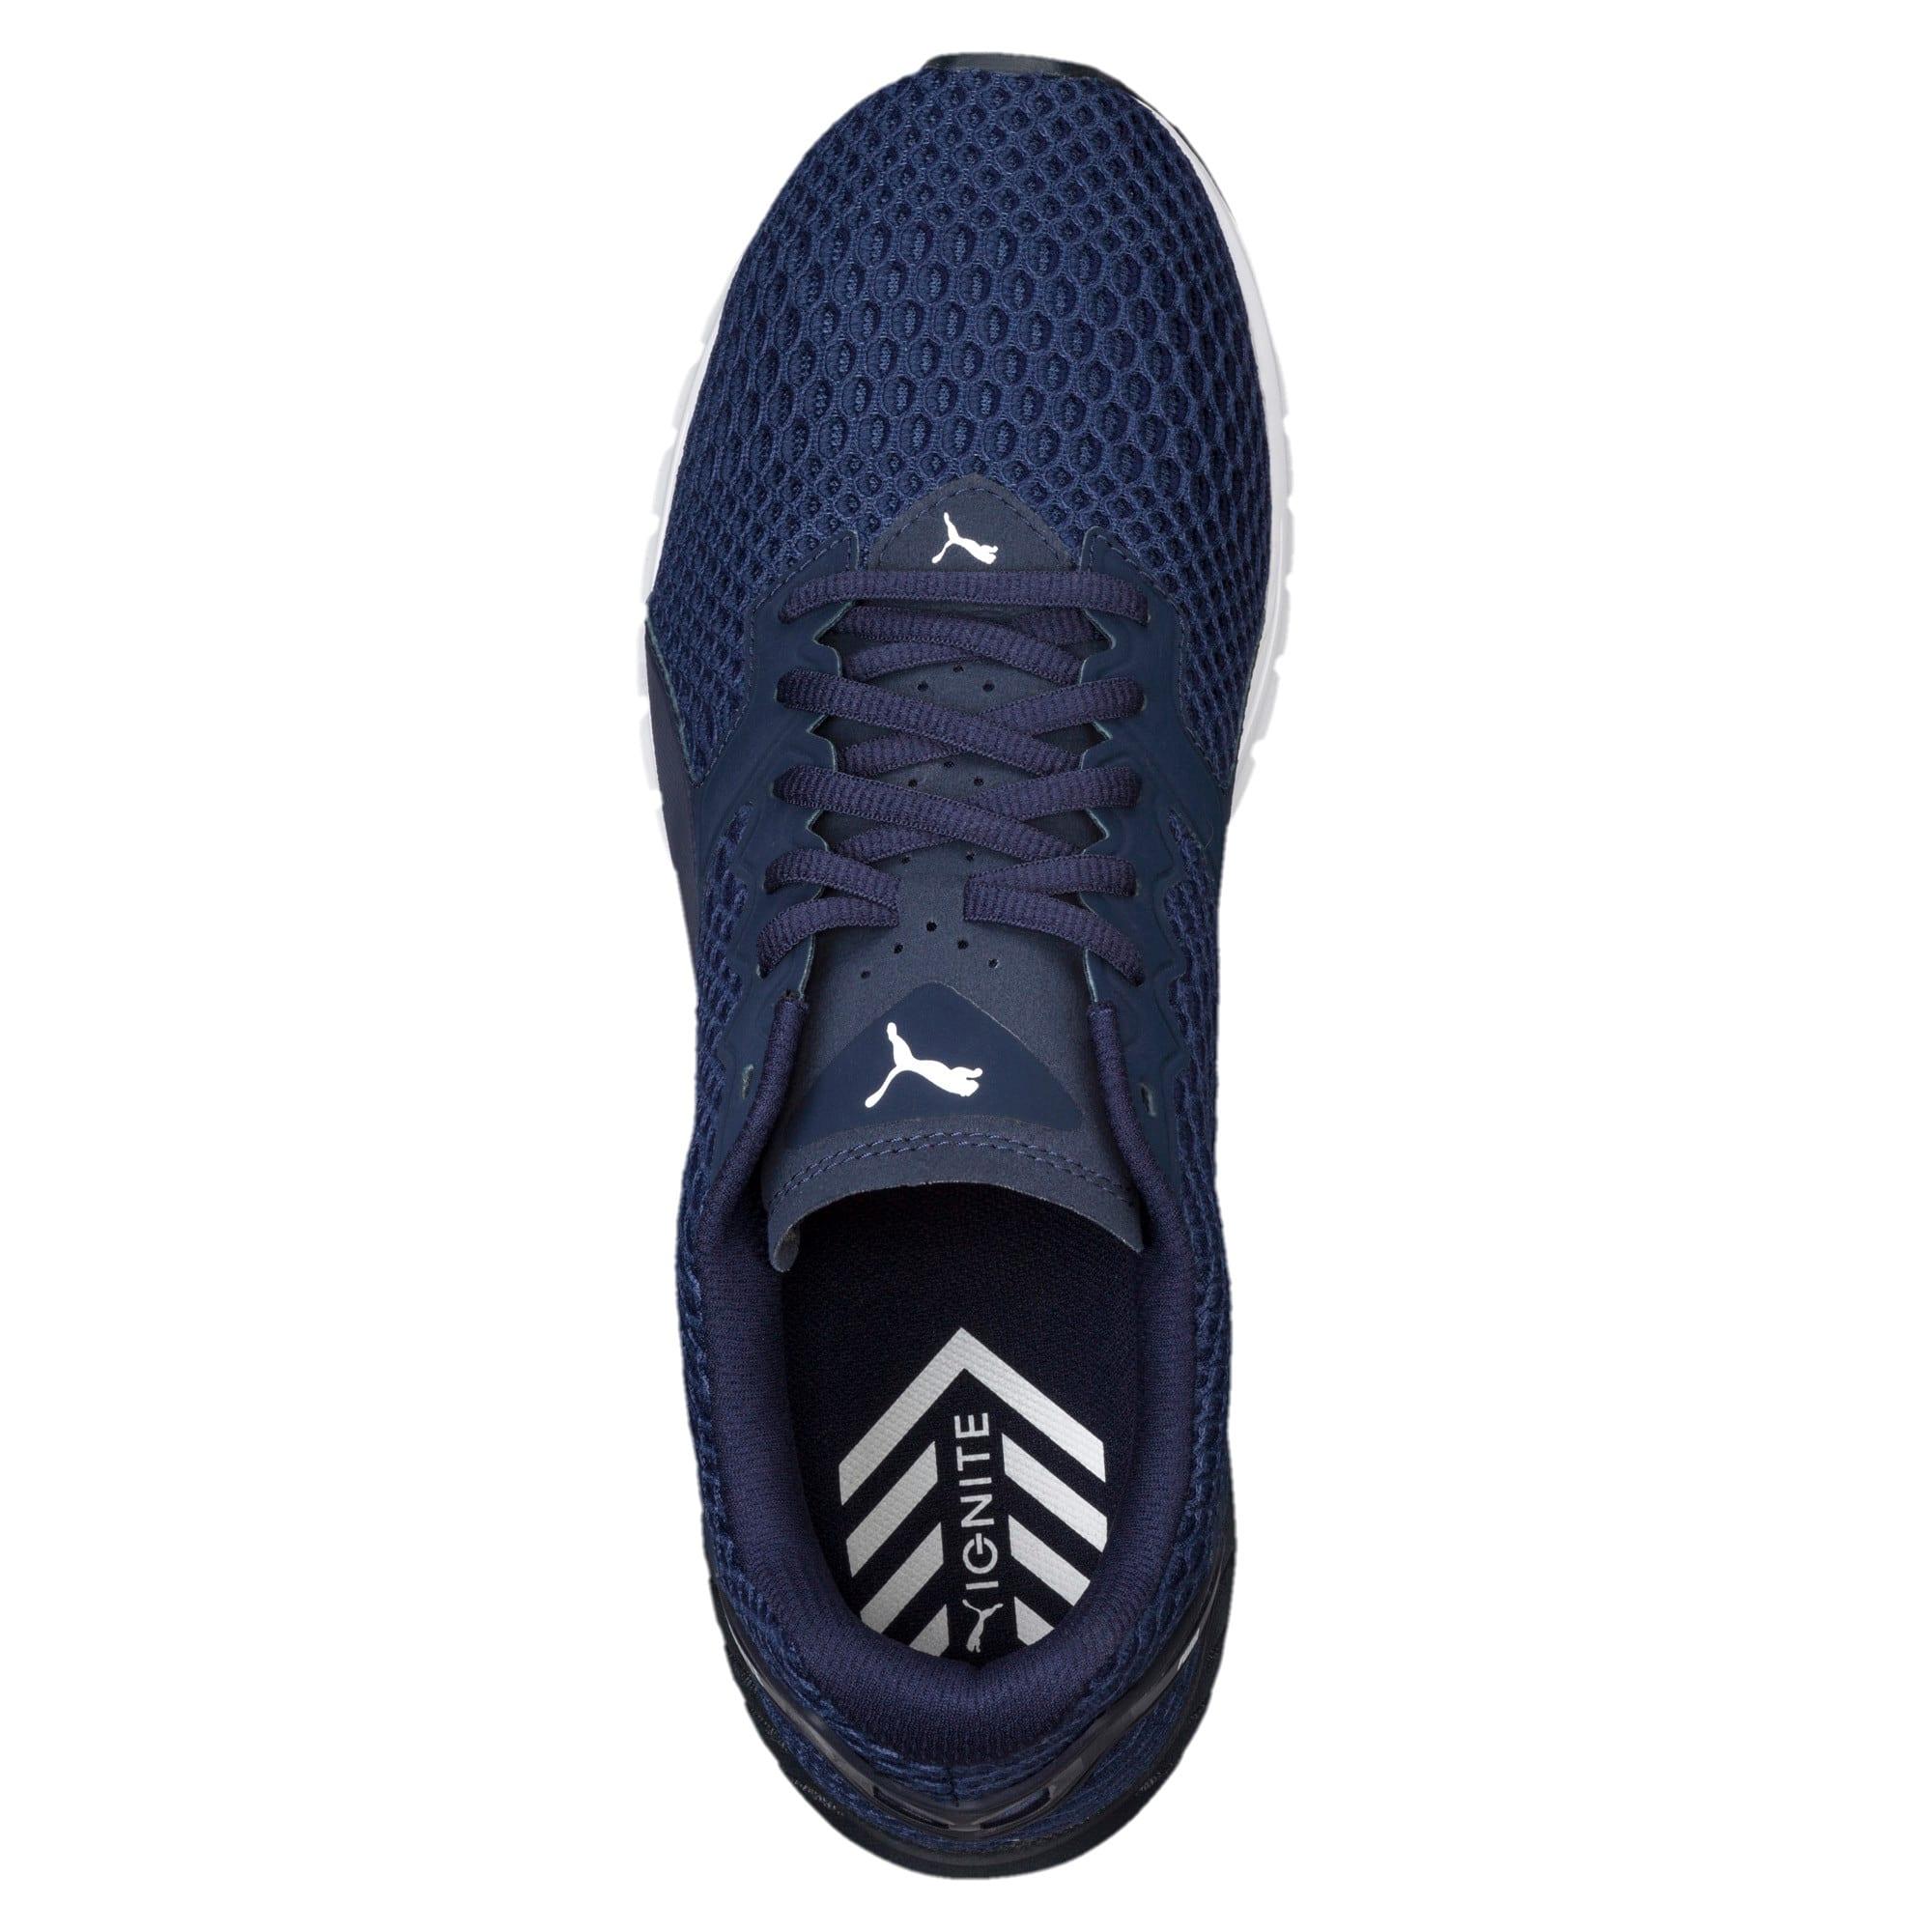 Thumbnail 5 of IGNITE Dual New Core Men's Training Shoes, Peacoat-Sargasso Sea, medium-IND